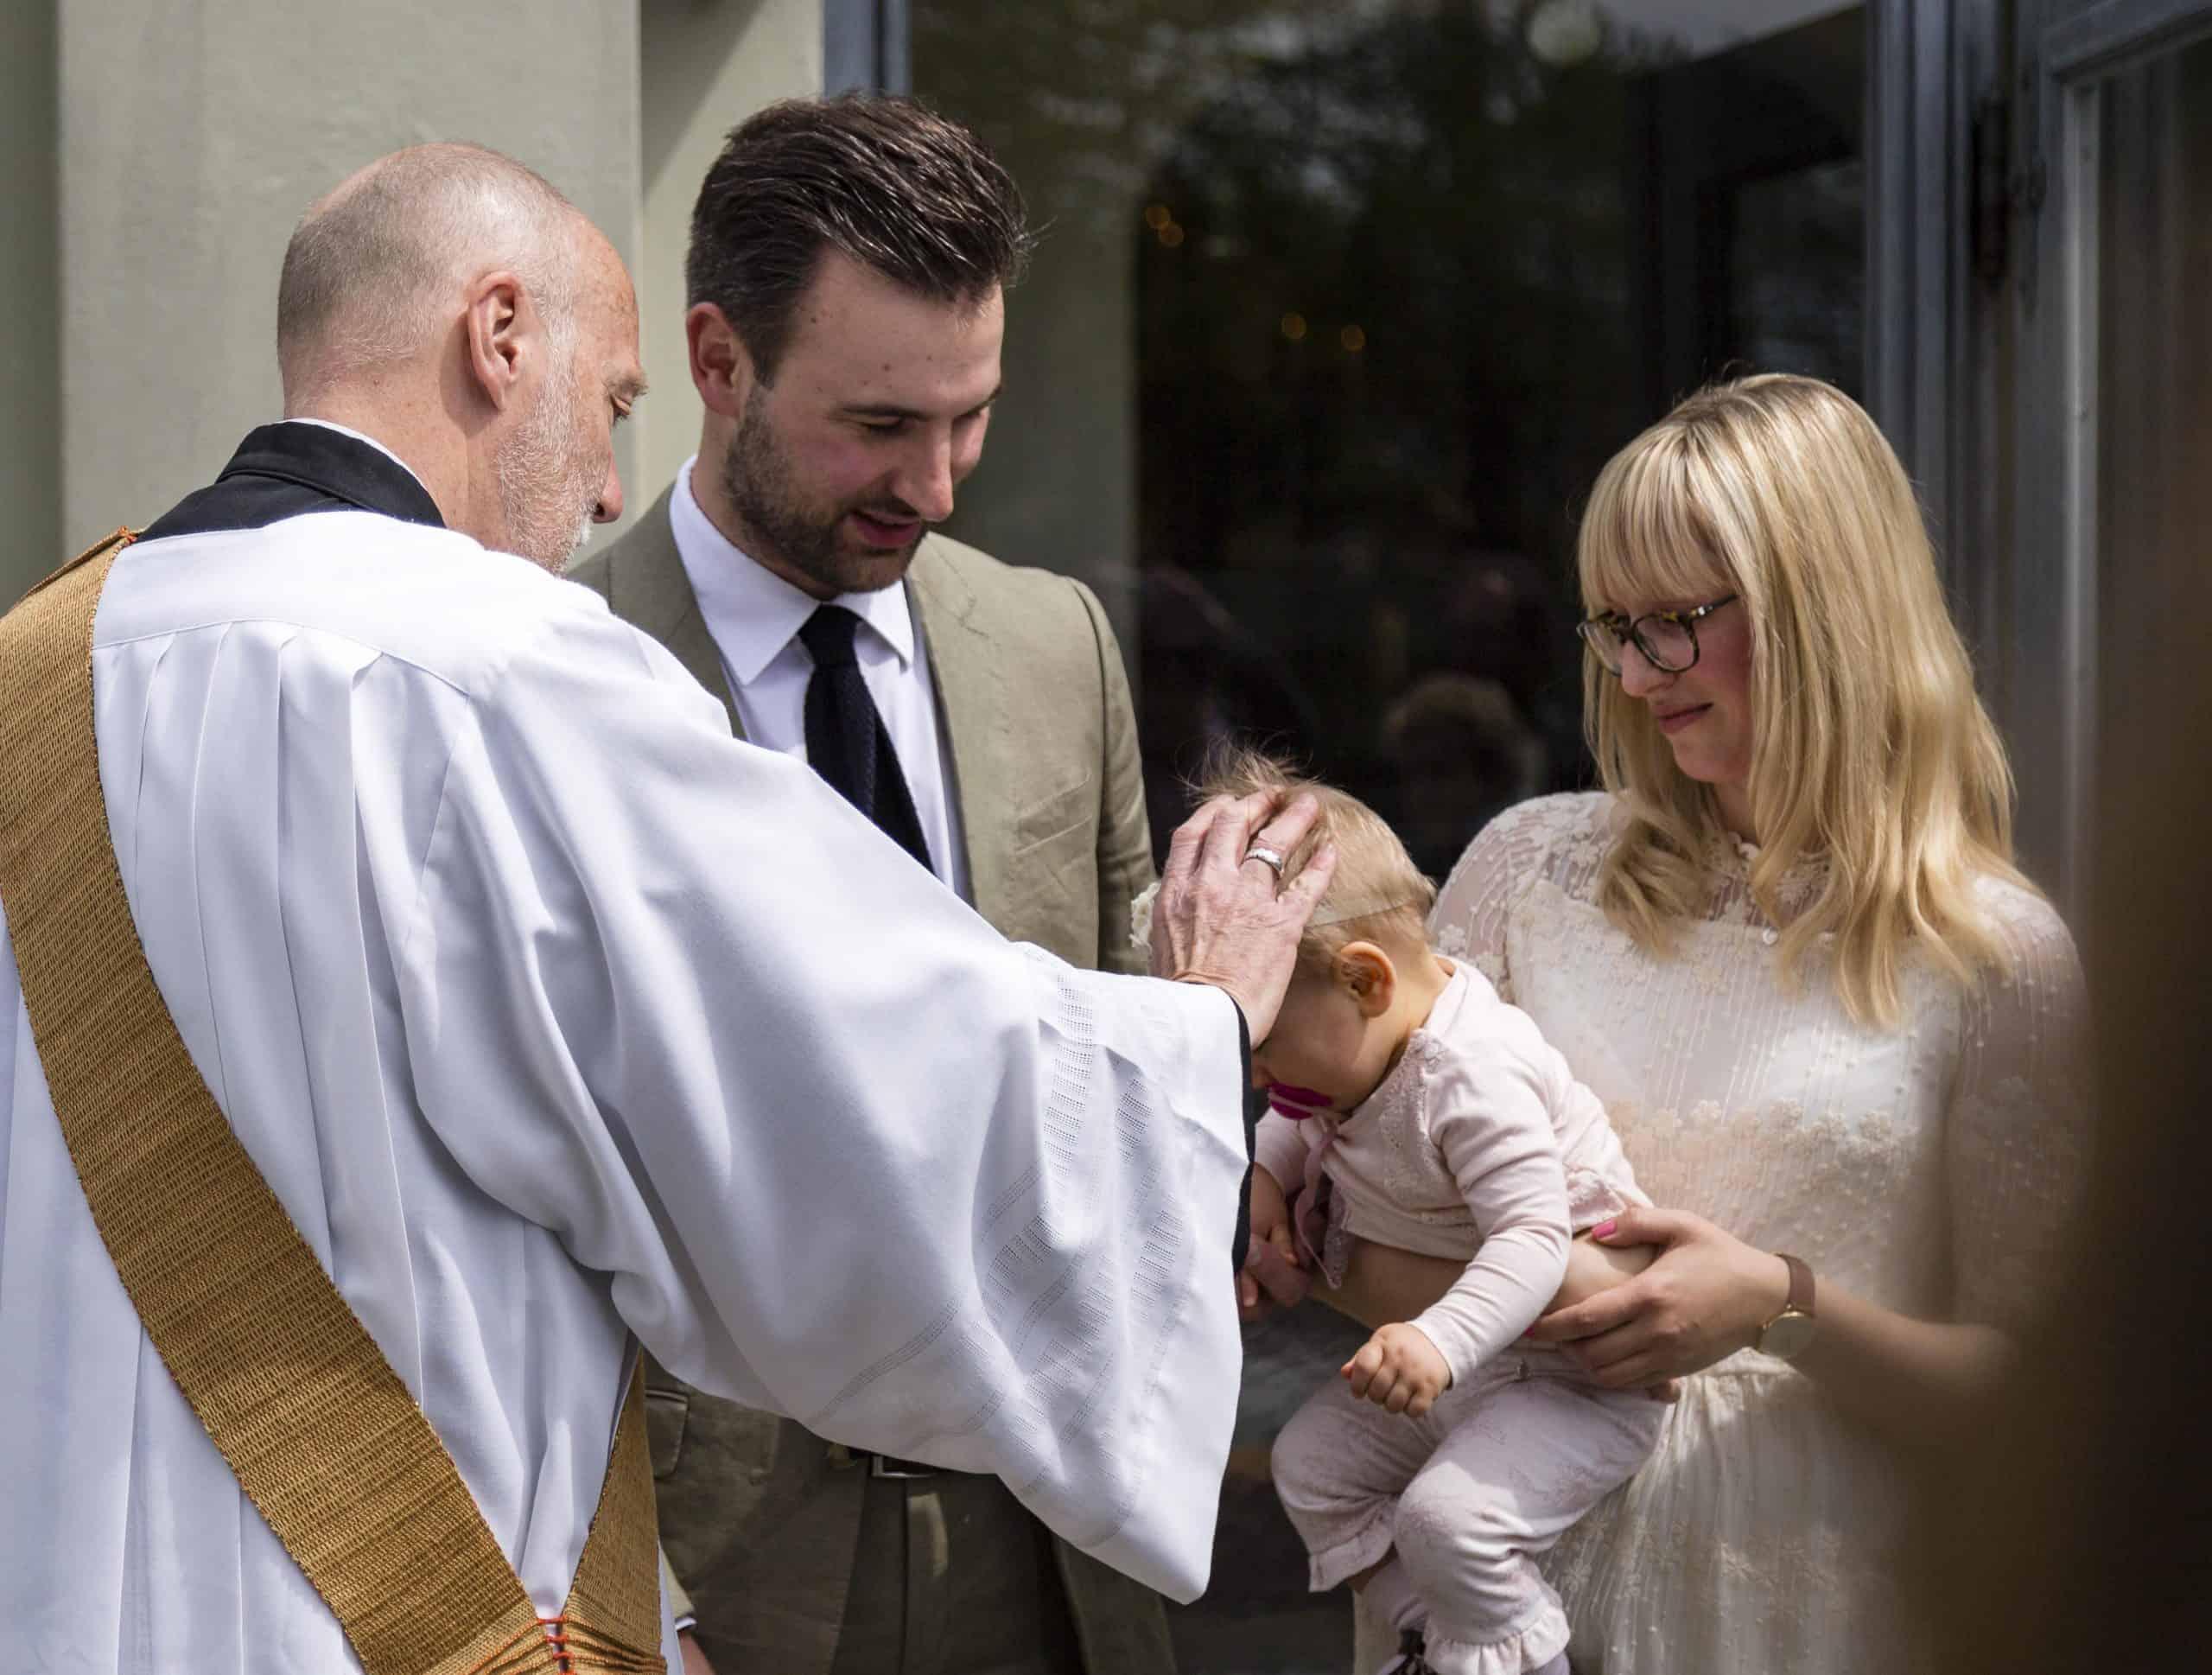 Fotografie Taufe Baby auf Arm der Mutter, Pfarrer legt Hand auf den Kopf auf